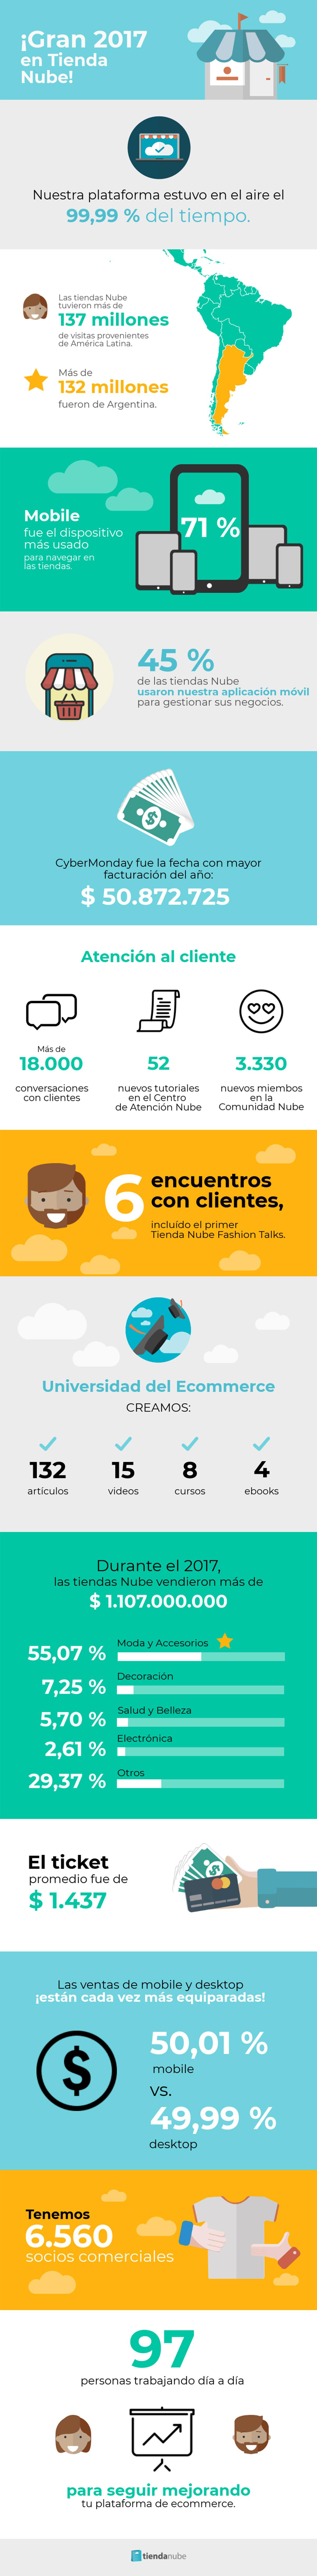 Infografía Tienda Nube 2017